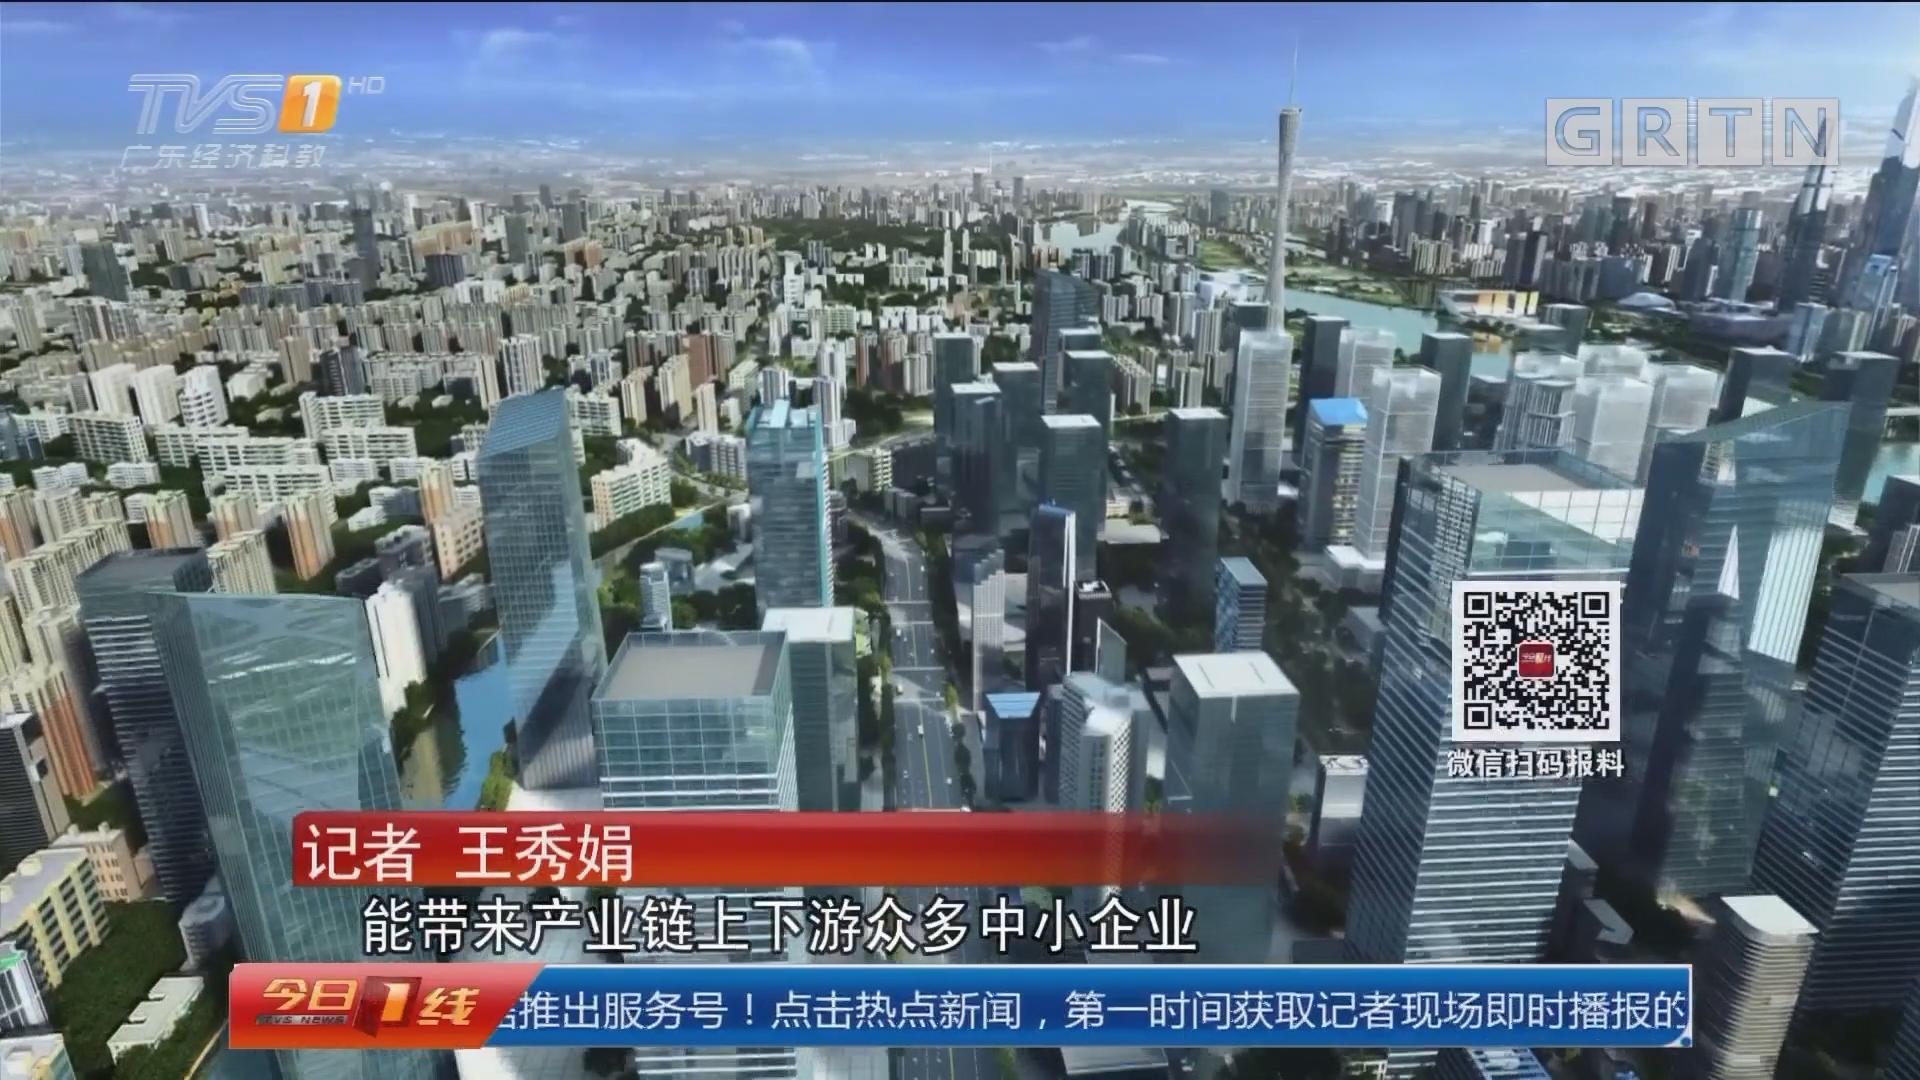 引领转型升级 广州成创新热土